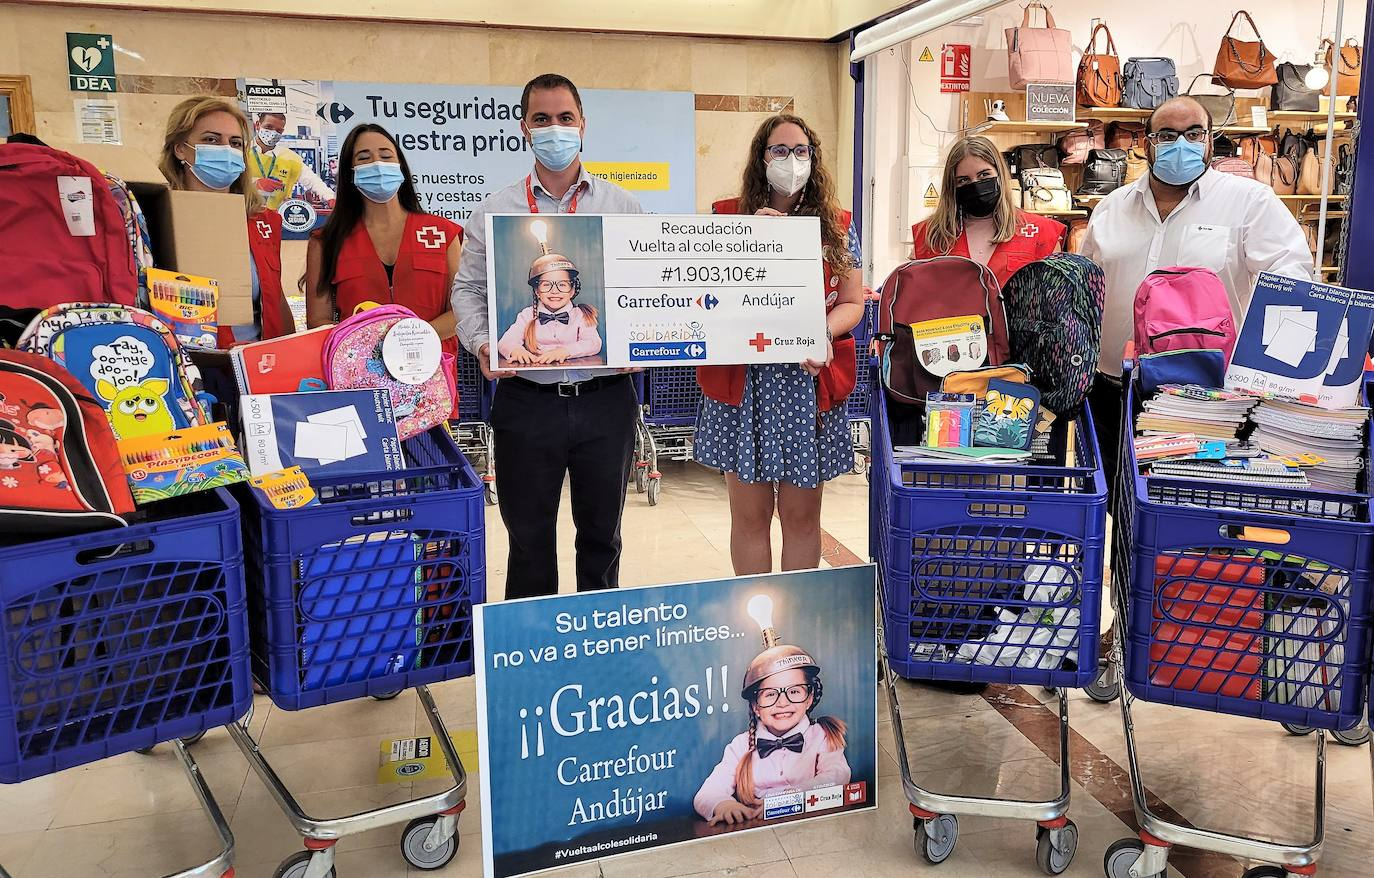 Cruz Roja triplica sus ayudas en la zona con la pandemia del coronavirus